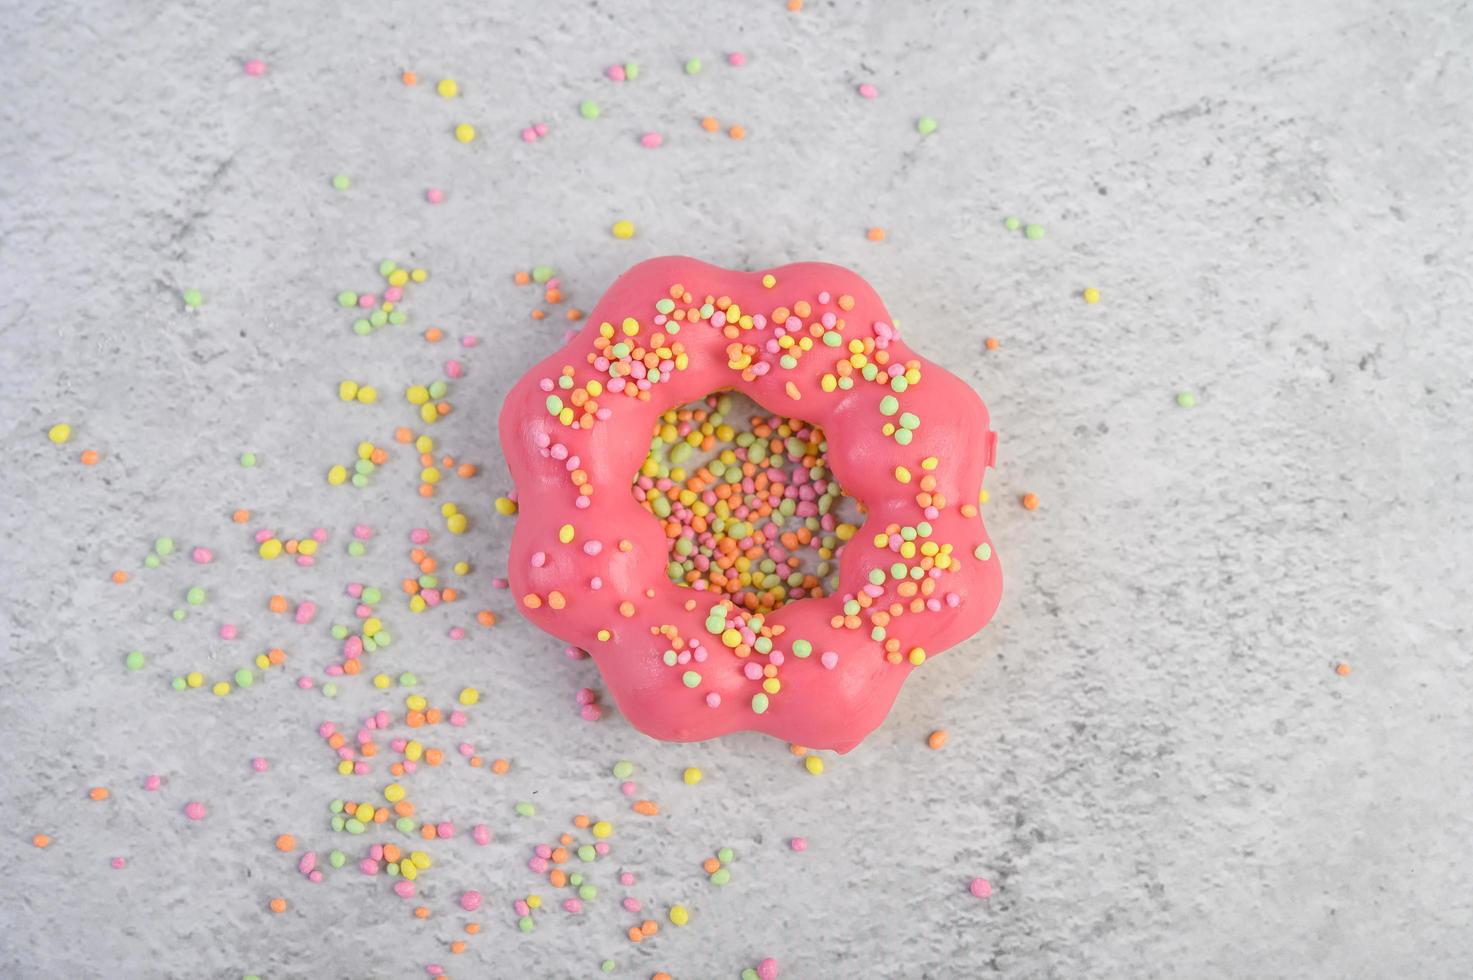 beignet aux fraises décoré de glaçage et de paillettes photo